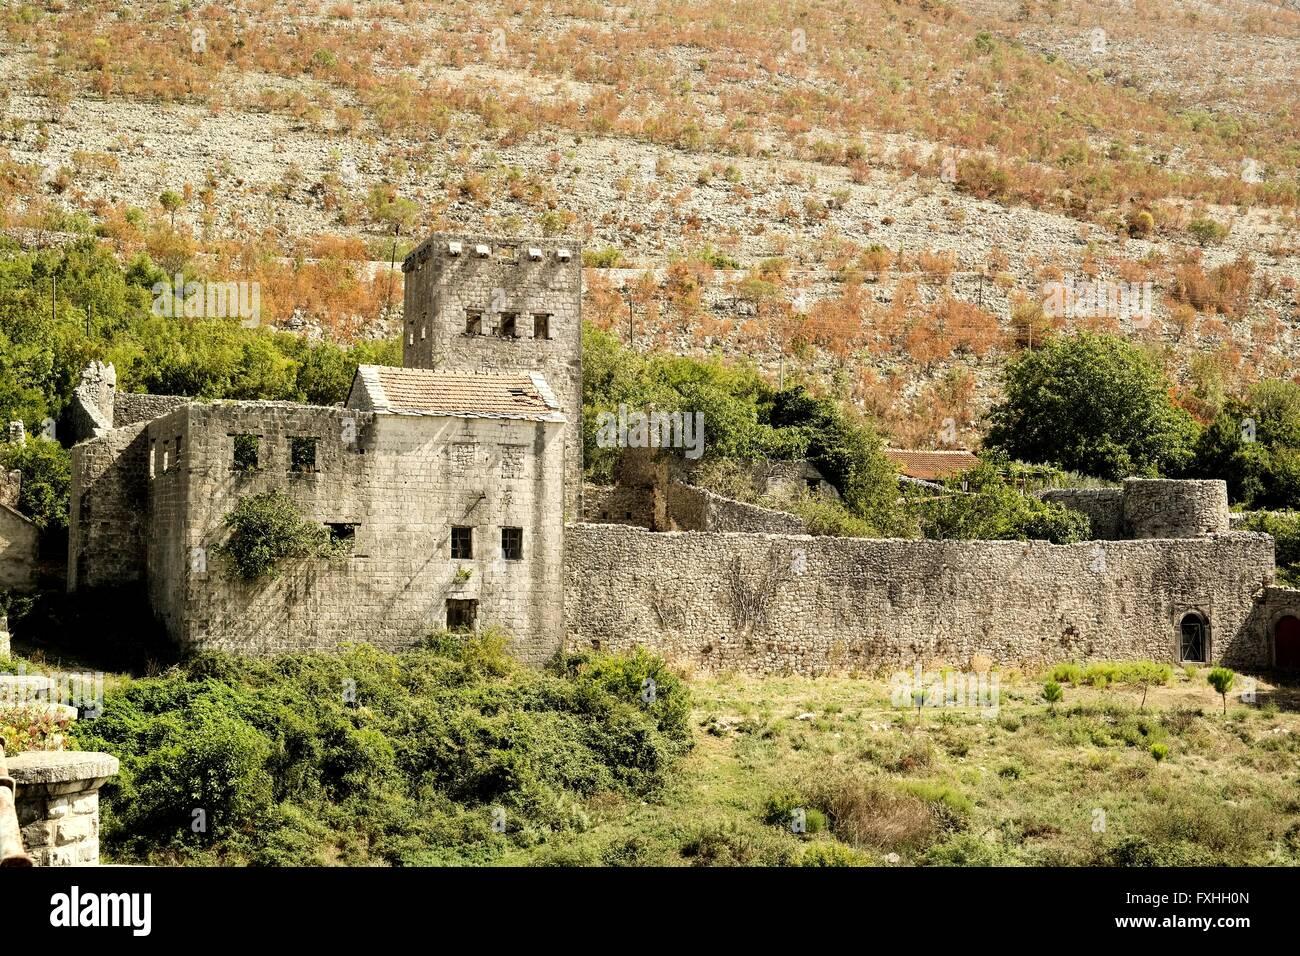 Castle in Staro Slano, Trebinje, Republika Srpska. - Stock Image